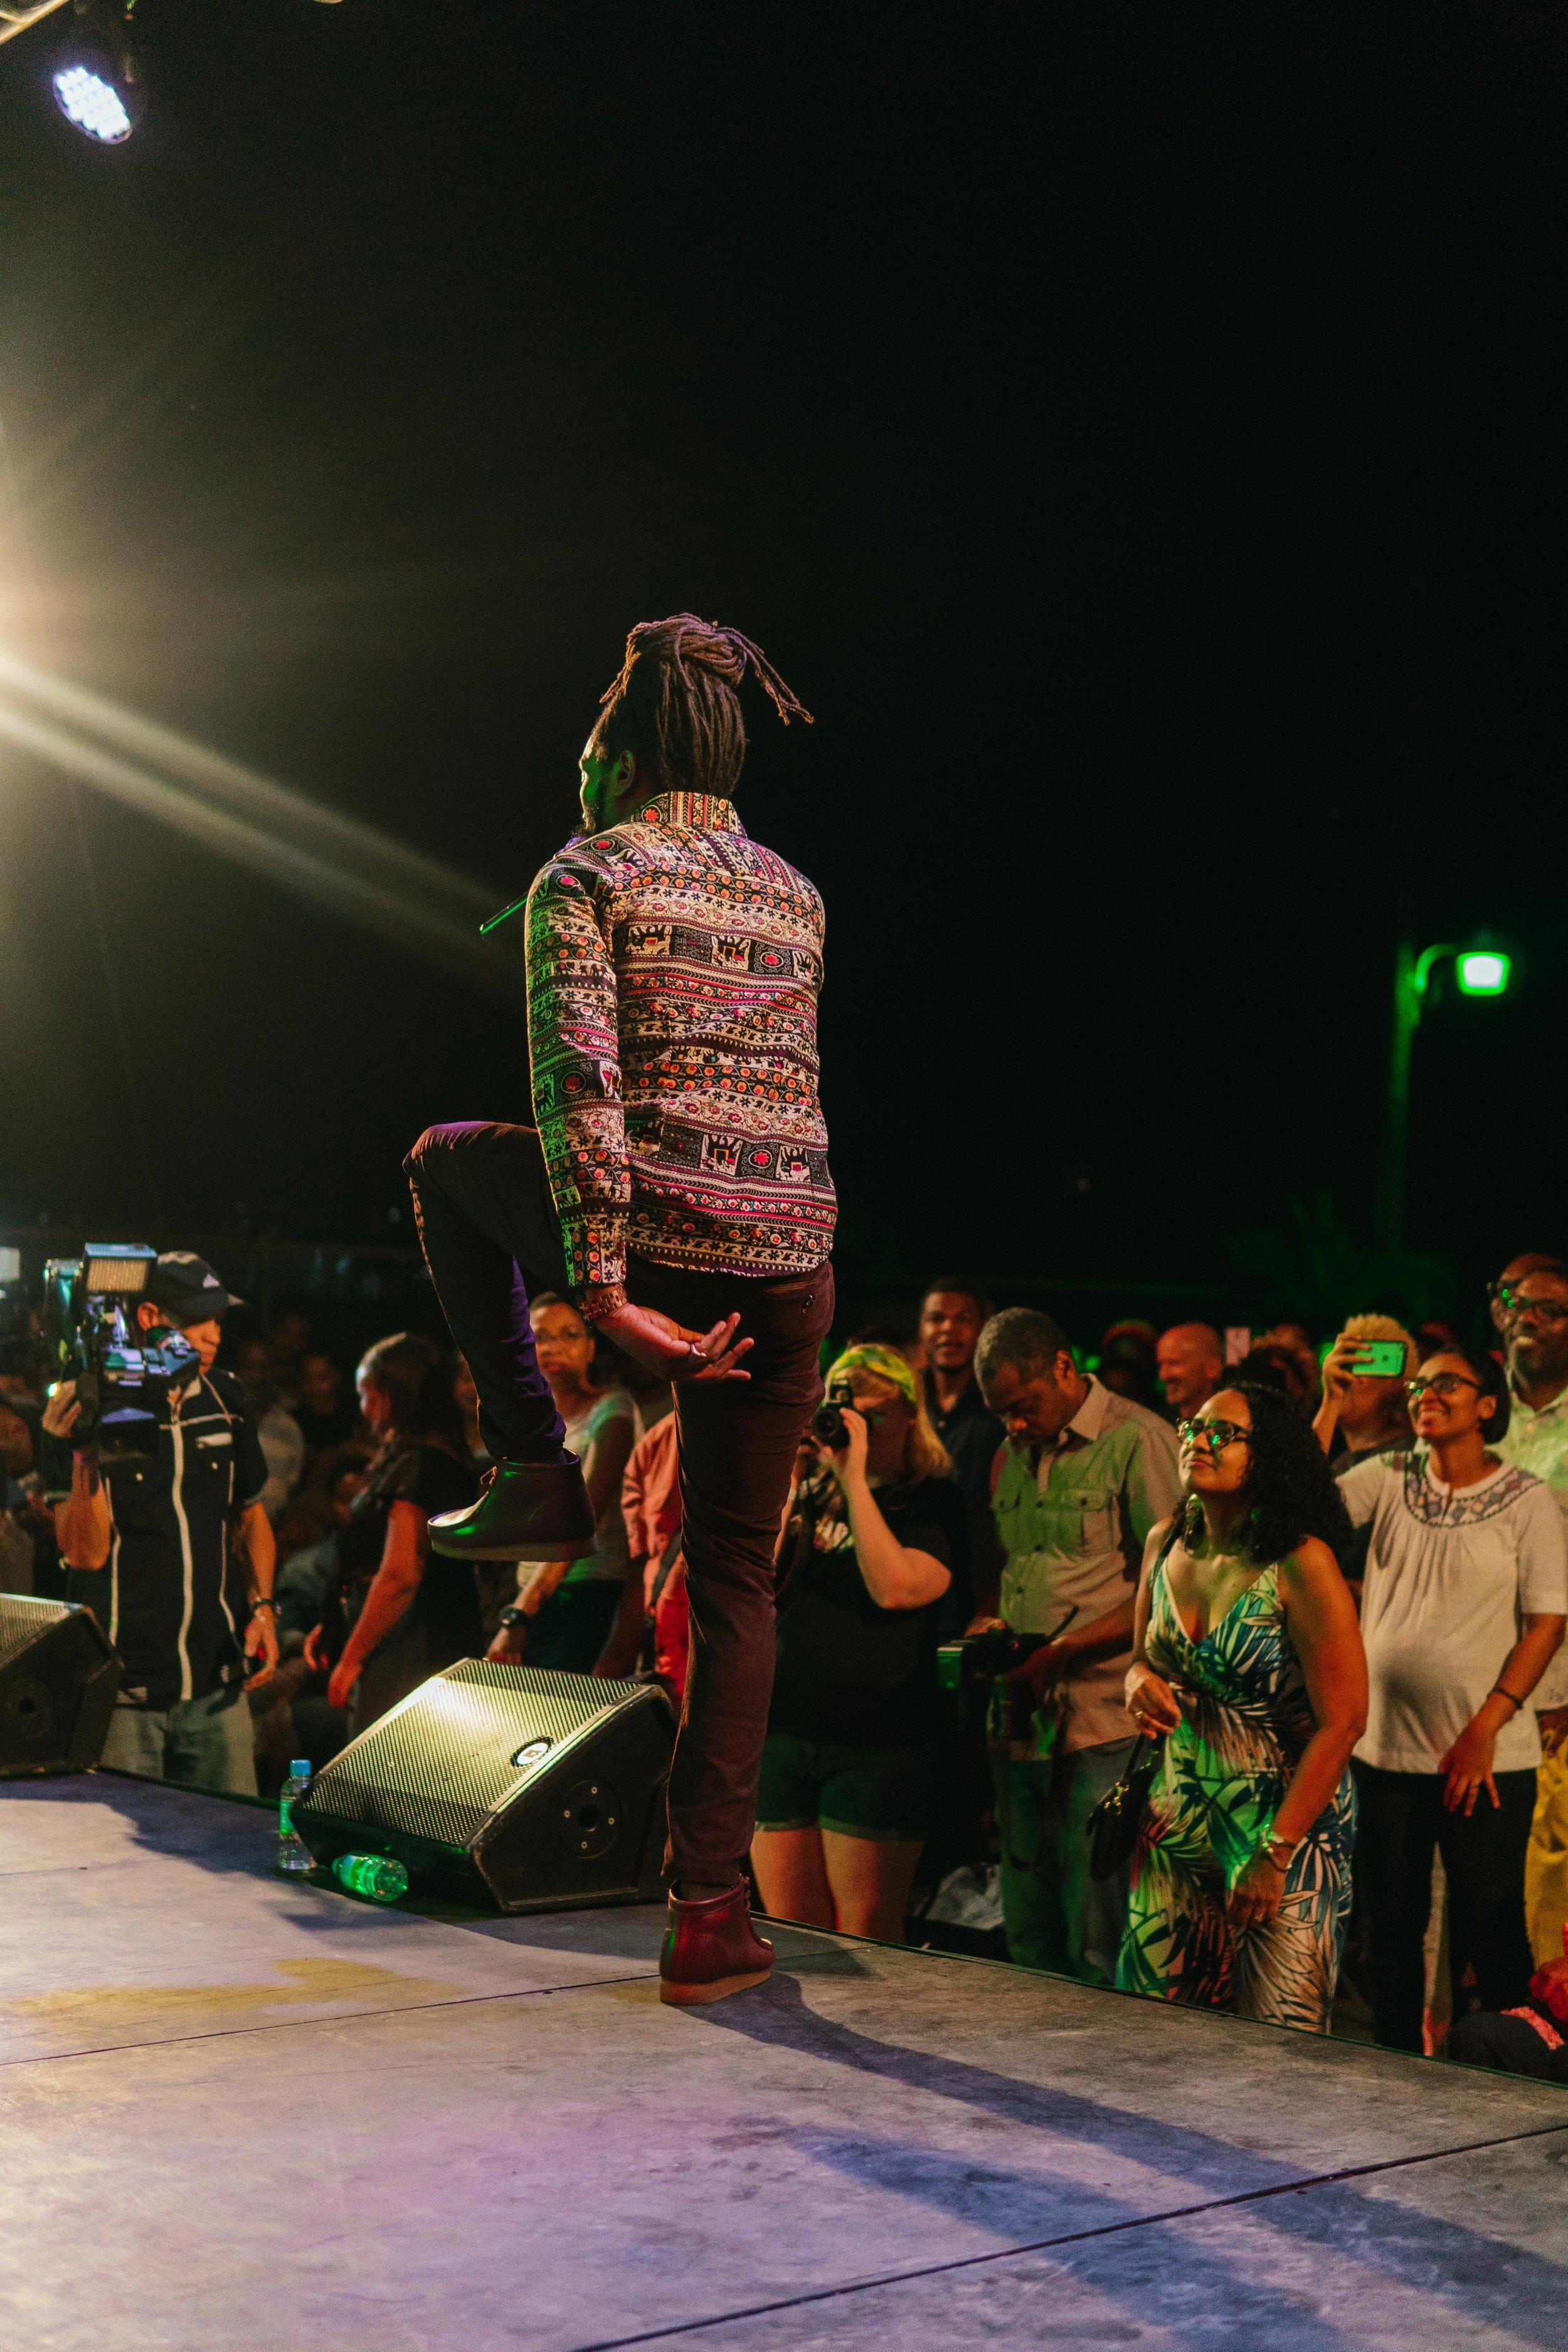 Kabaka pyramid live 2018-08209.jpg